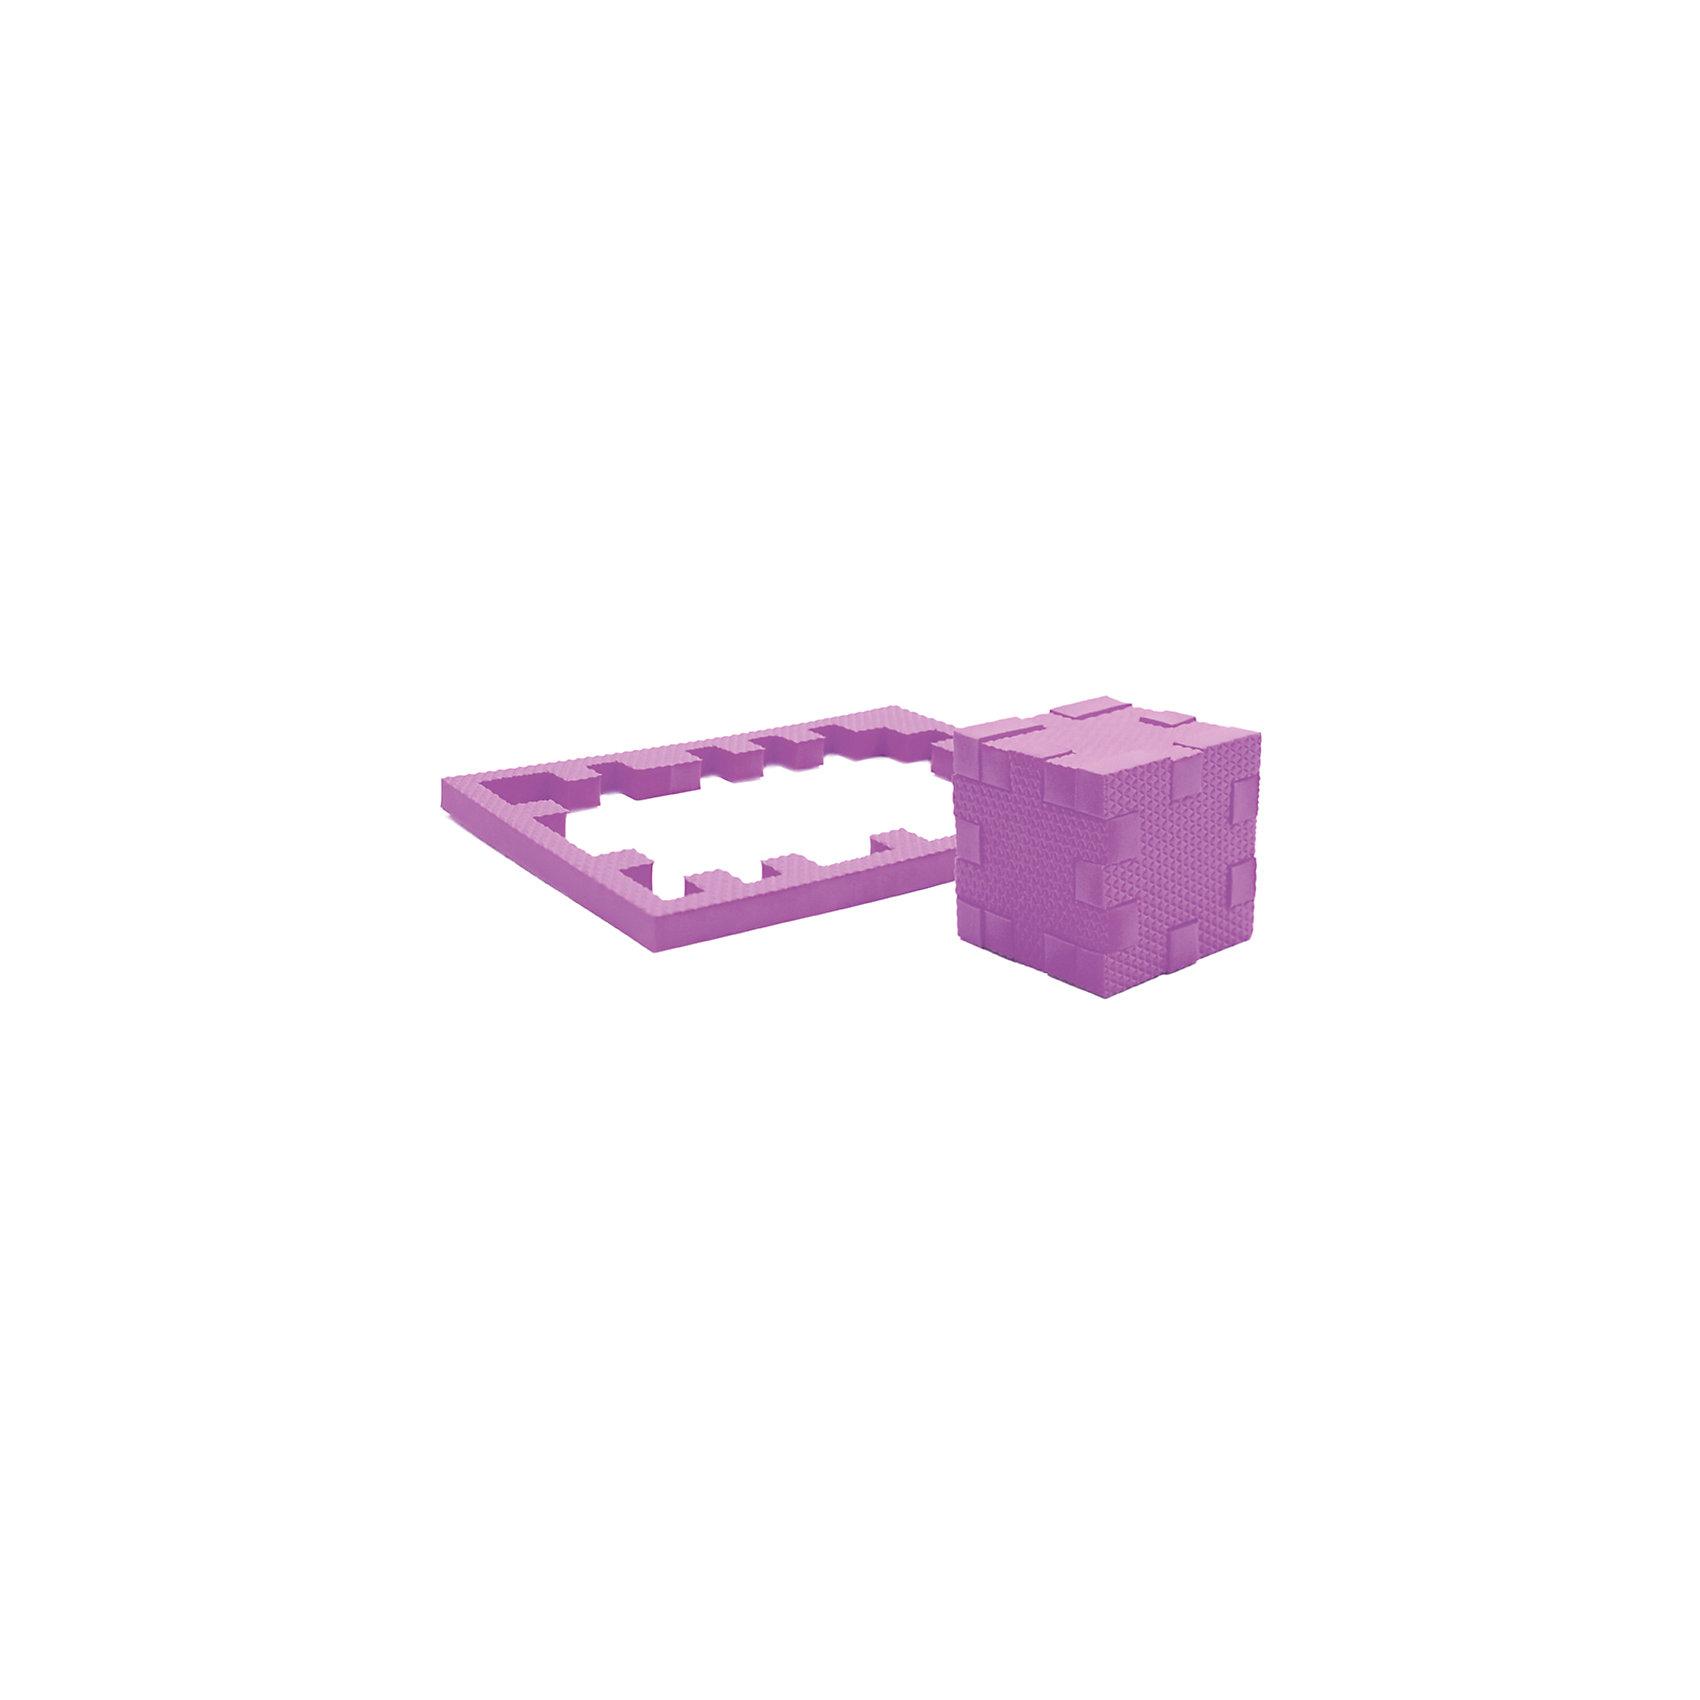 Пазл-конструктор Аметист, PicnMixАметист - уникальный пазл-конструктор из серии Кубикформ от PicnMix, который поможет развить логику, мелкую моторику и пространственное восприятие. Ребенок сможет собрать пазл, кубик и различные геометрические фигуры. Для начала можно следовать инструкции, а узнав, как устроен чудо-пазл, придумать свои собственные творения. Кроме того, с конструктором Аметист можно смело играть в воде. <br>Пазл-конструктор Аметист - замечательный подарок для юных строителей!<br><br>Дополнительная информация:<br>Цвет: сиреневый<br>Материал: ЭВА(вспененный полимер)<br>Размер упаковки: 21,5х1,5х15,5 см<br>Вес: 45 грамм<br><br>Пазл-конструктор Аметист от PicnMix можно приобрести в нашем интернет-магазине.<br><br>Ширина мм: 215<br>Глубина мм: 15<br>Высота мм: 160<br>Вес г: 50<br>Возраст от месяцев: 36<br>Возраст до месяцев: 60<br>Пол: Унисекс<br>Возраст: Детский<br>SKU: 5008785